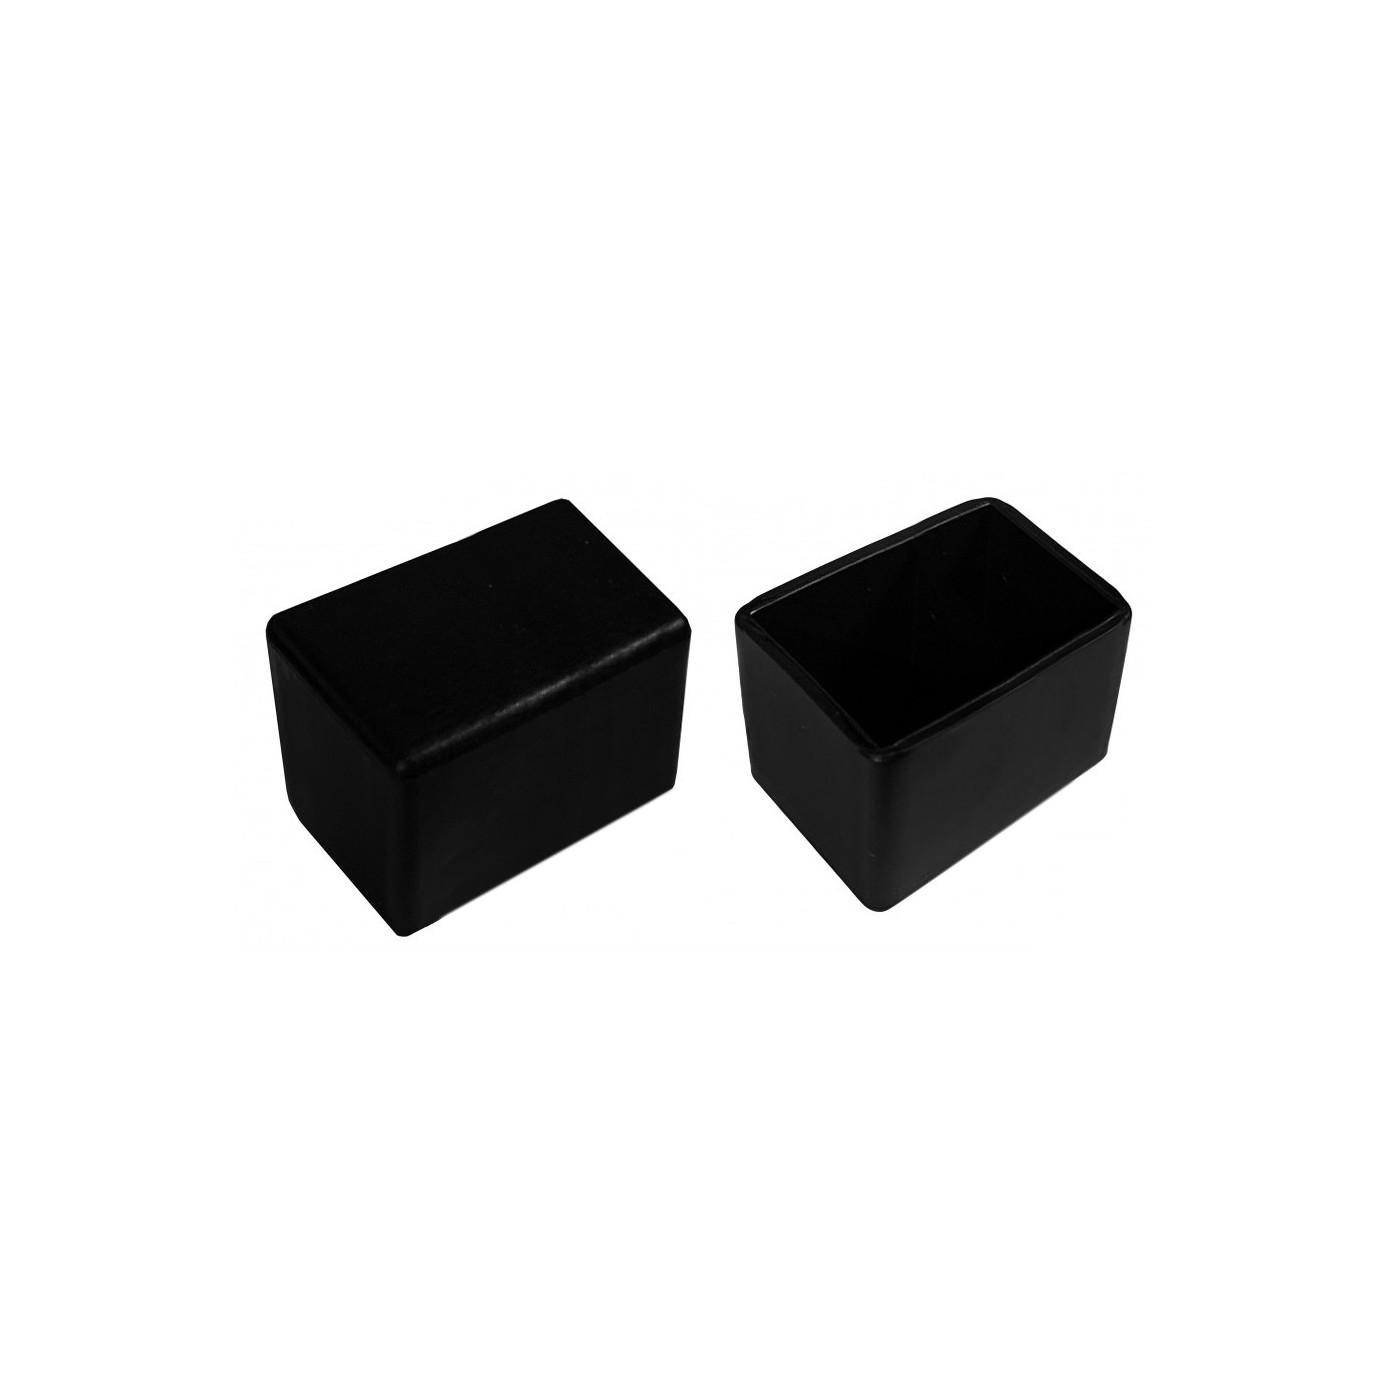 Jeu de 32 couvre-pieds de chaise en silicone (extérieur, rectangle, 20x40 mm, noir) [O-RA-20x40-B]  - 1